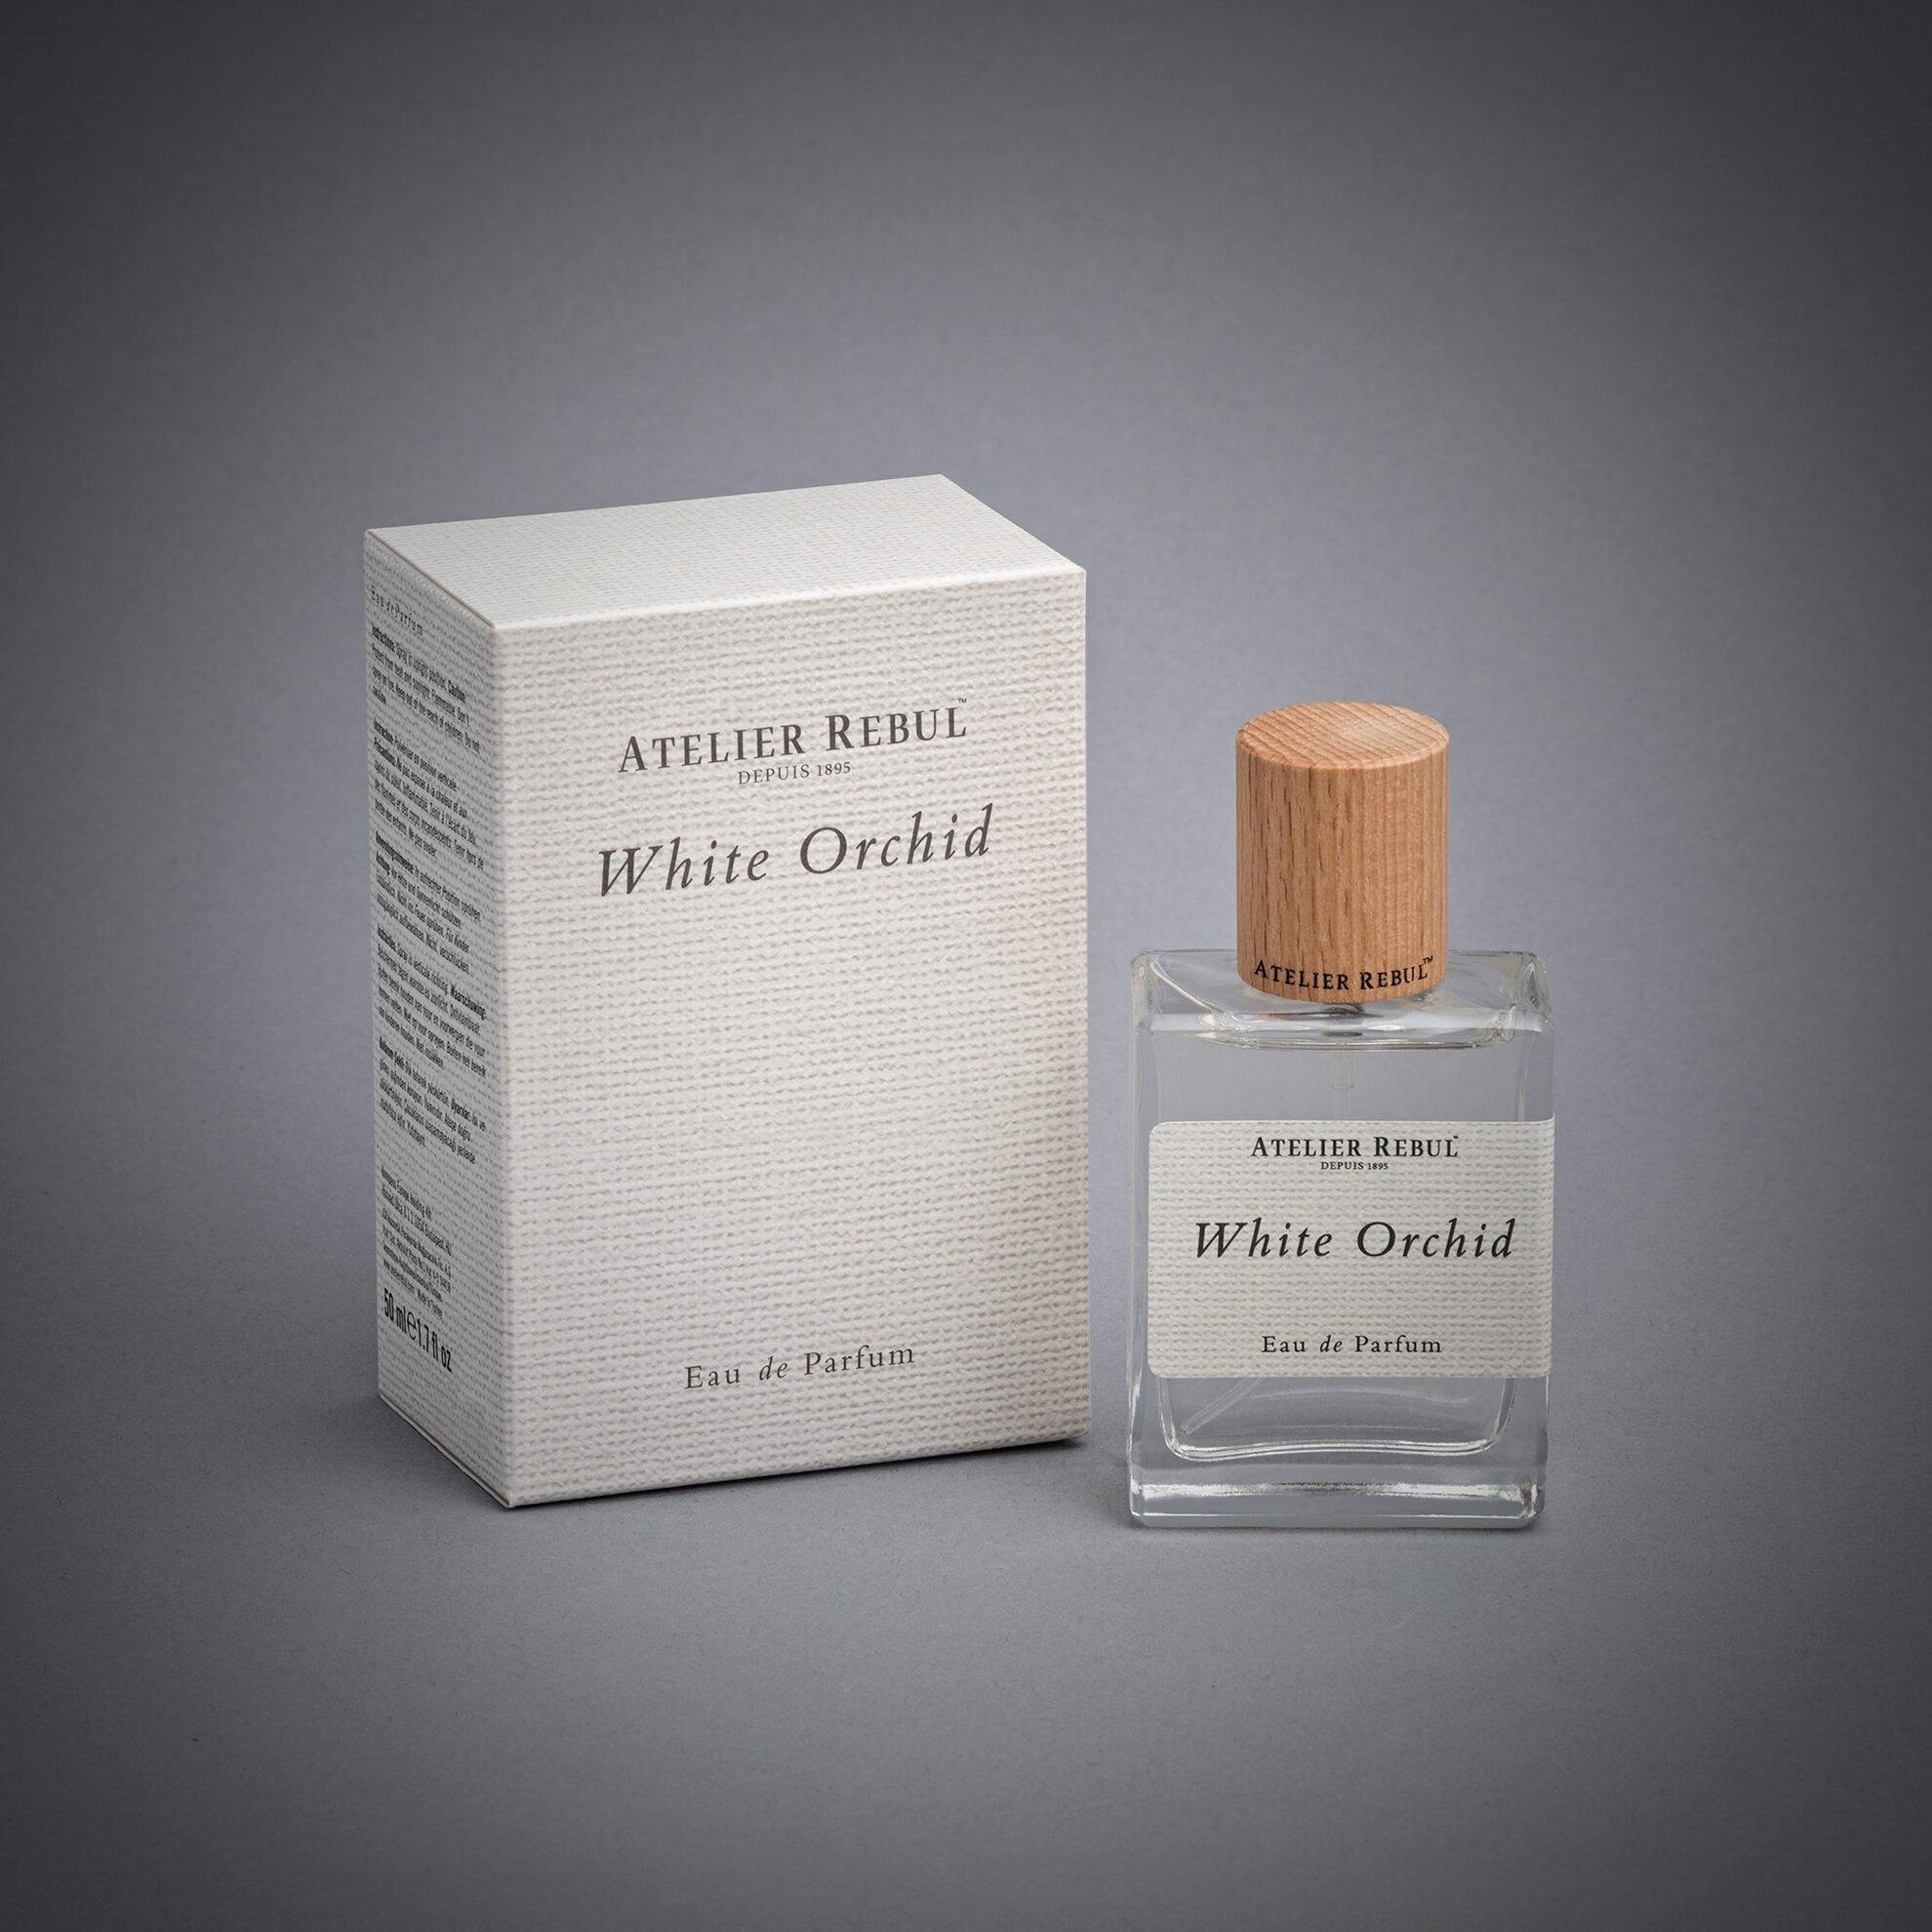 White Orchid Eau de Parfum 50 ml